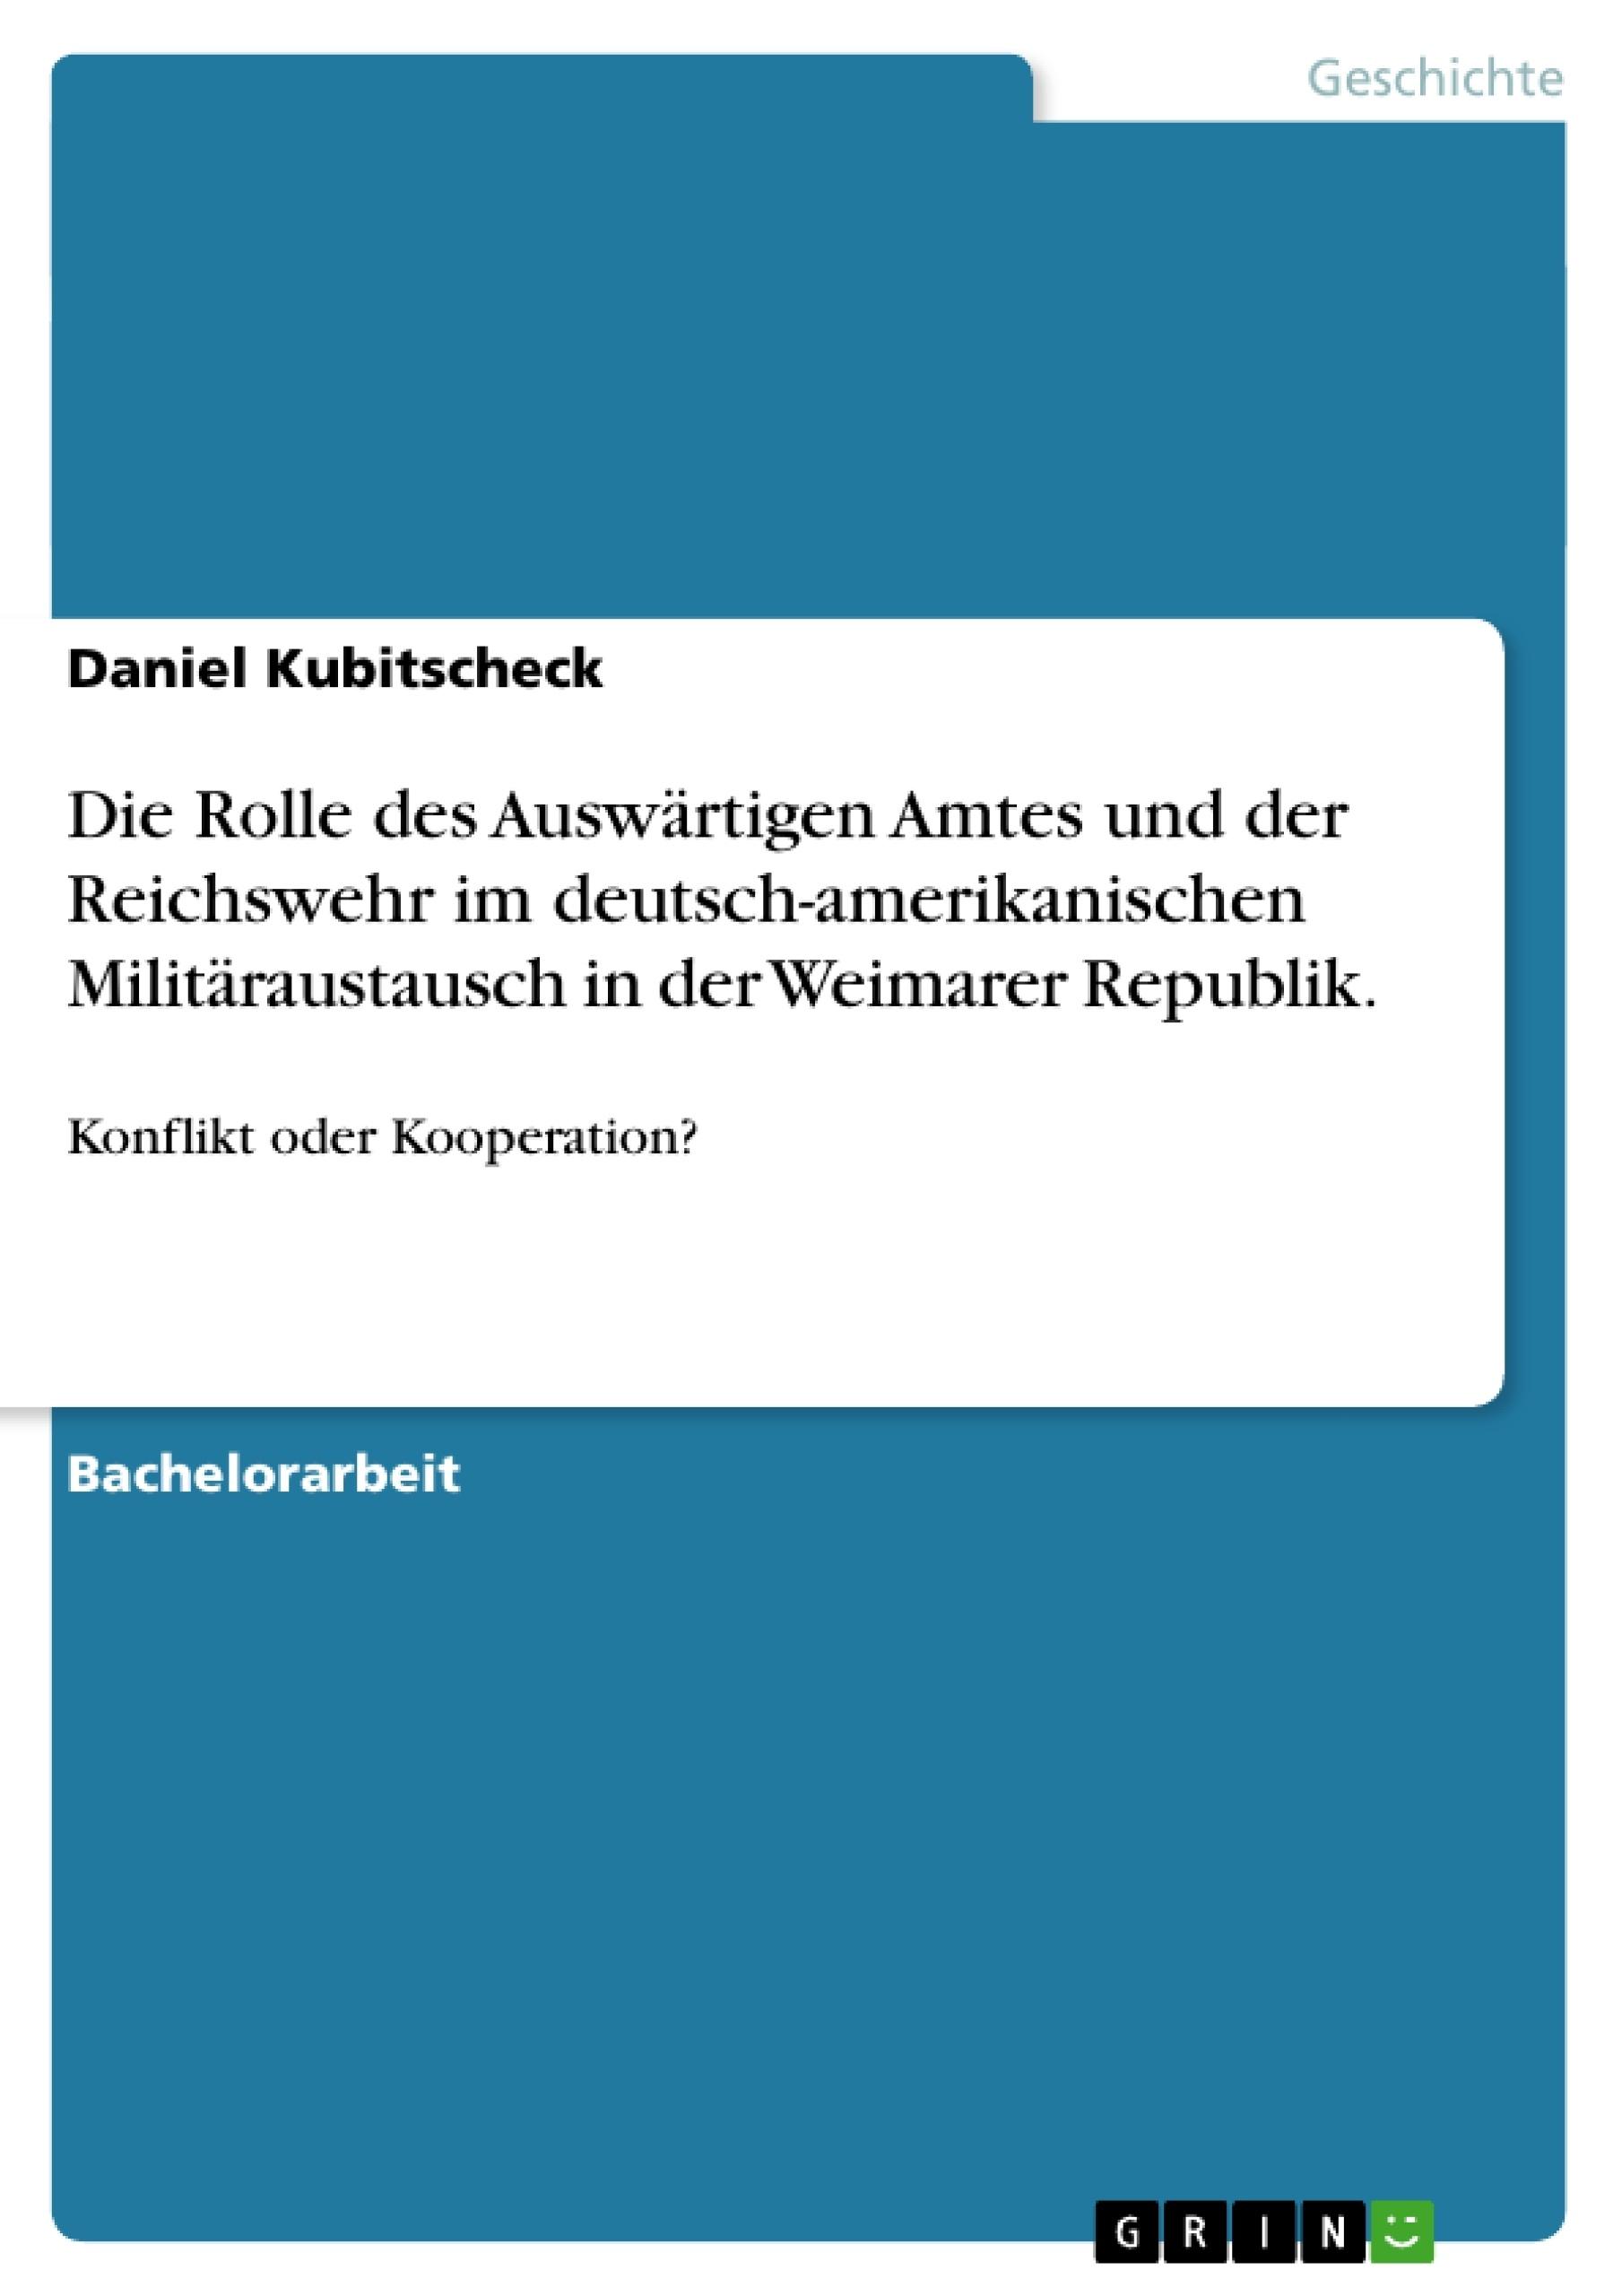 Titel: Die Rolle des Auswärtigen Amtes und der Reichswehr im deutsch-amerikanischen Militäraustausch in der Weimarer Republik.